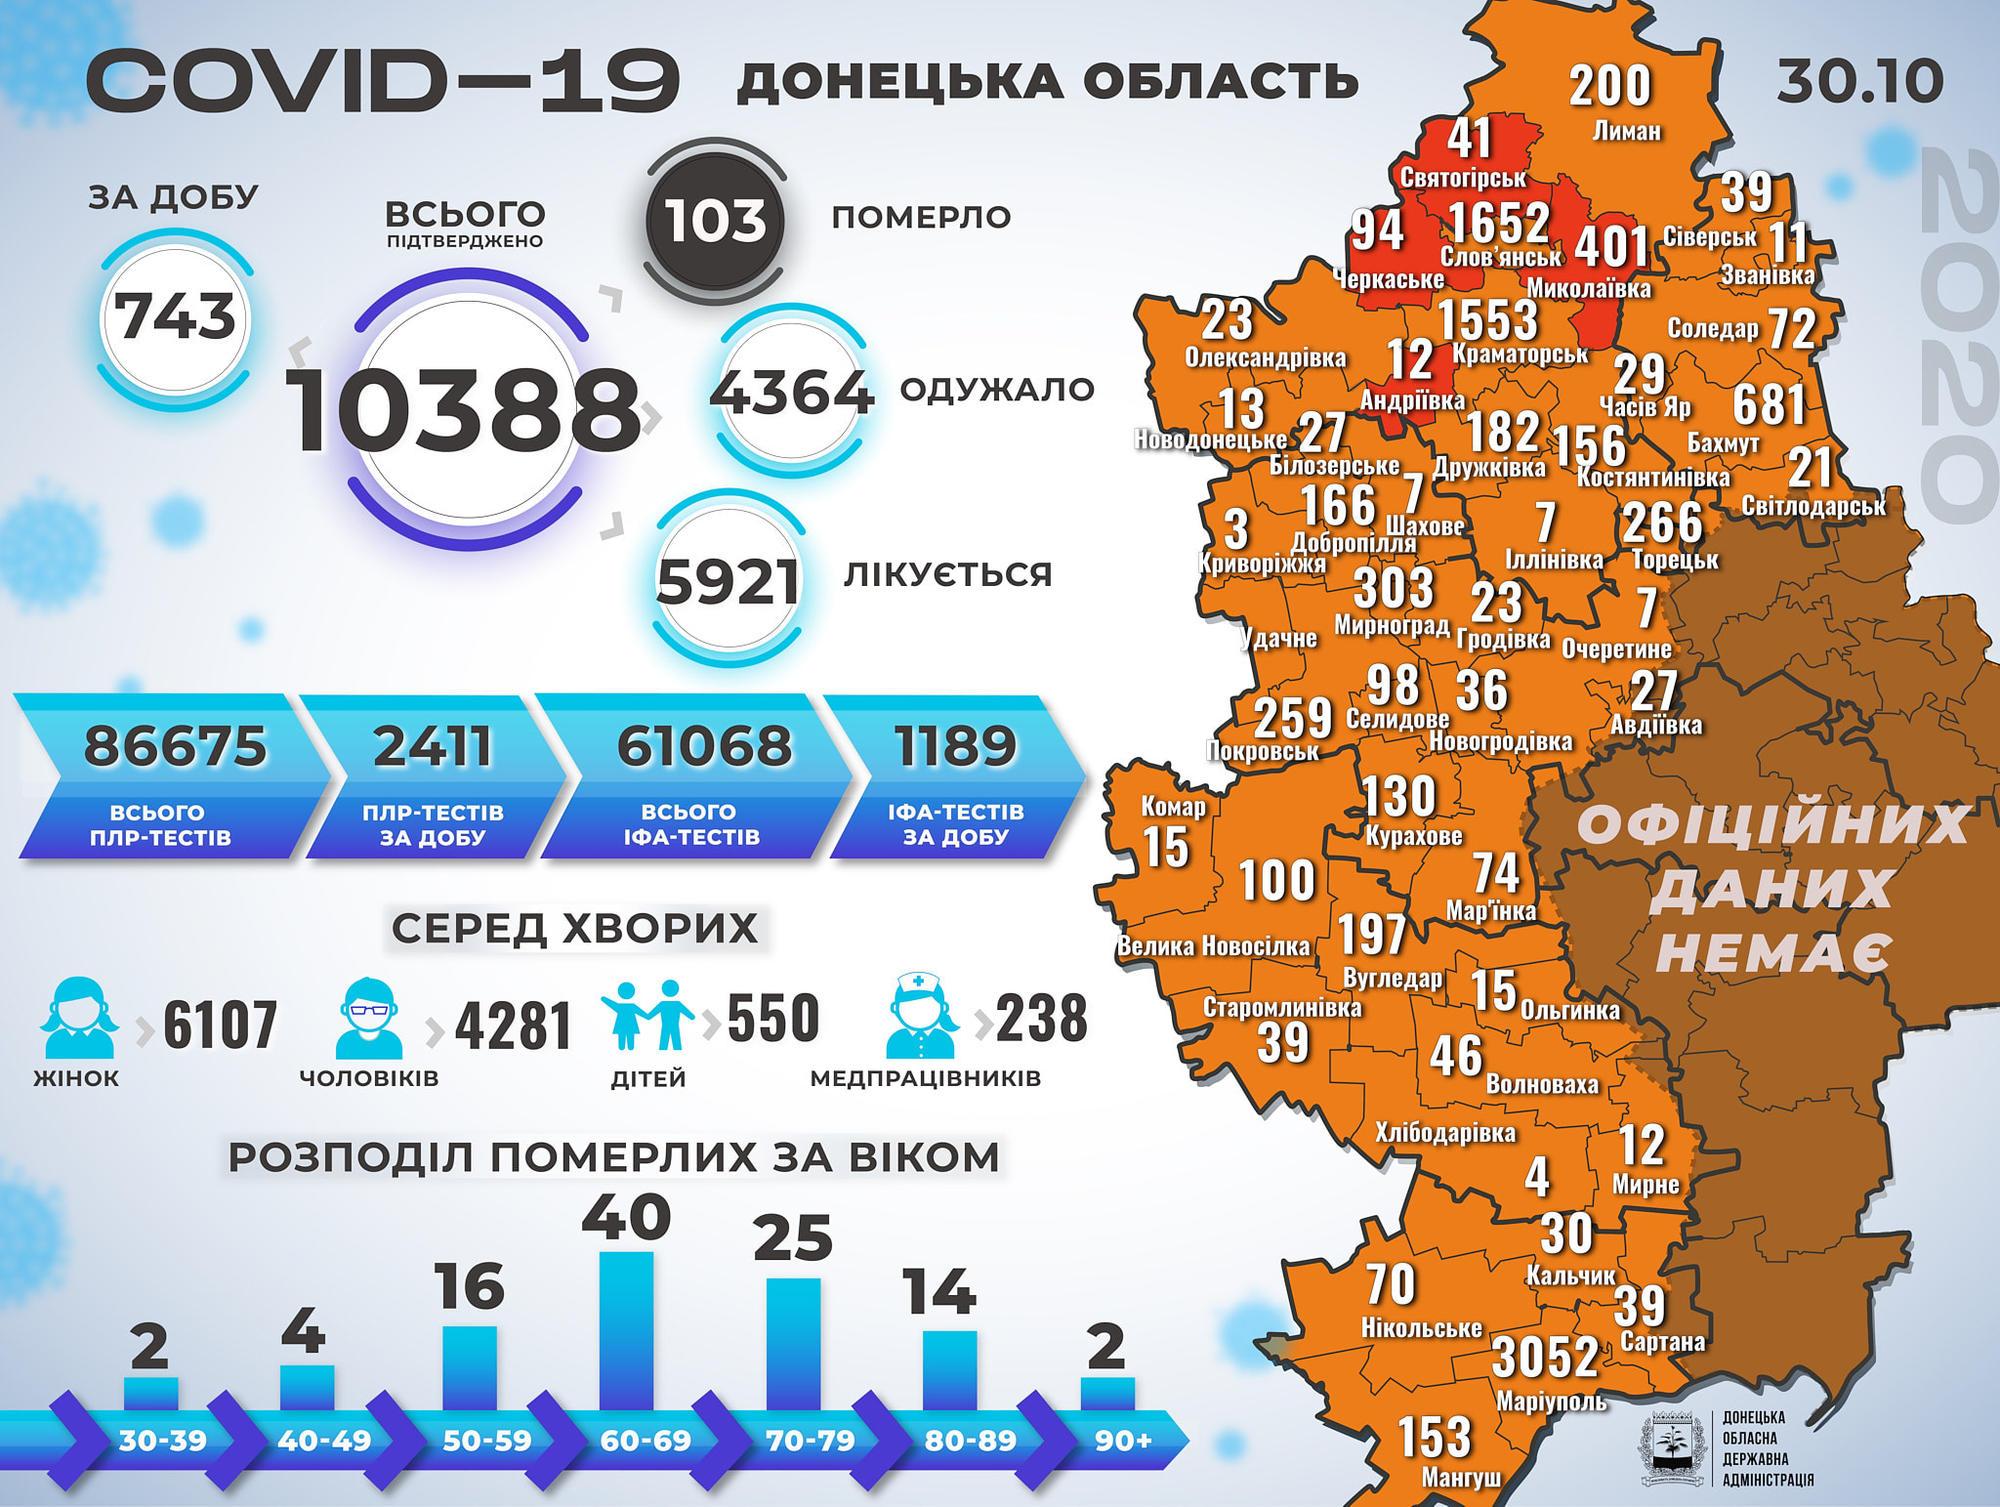 На Донеччині додалося ще понад 700 людей з коронавірусом. В Україні – майже 9 тисяч пацієнтів за день